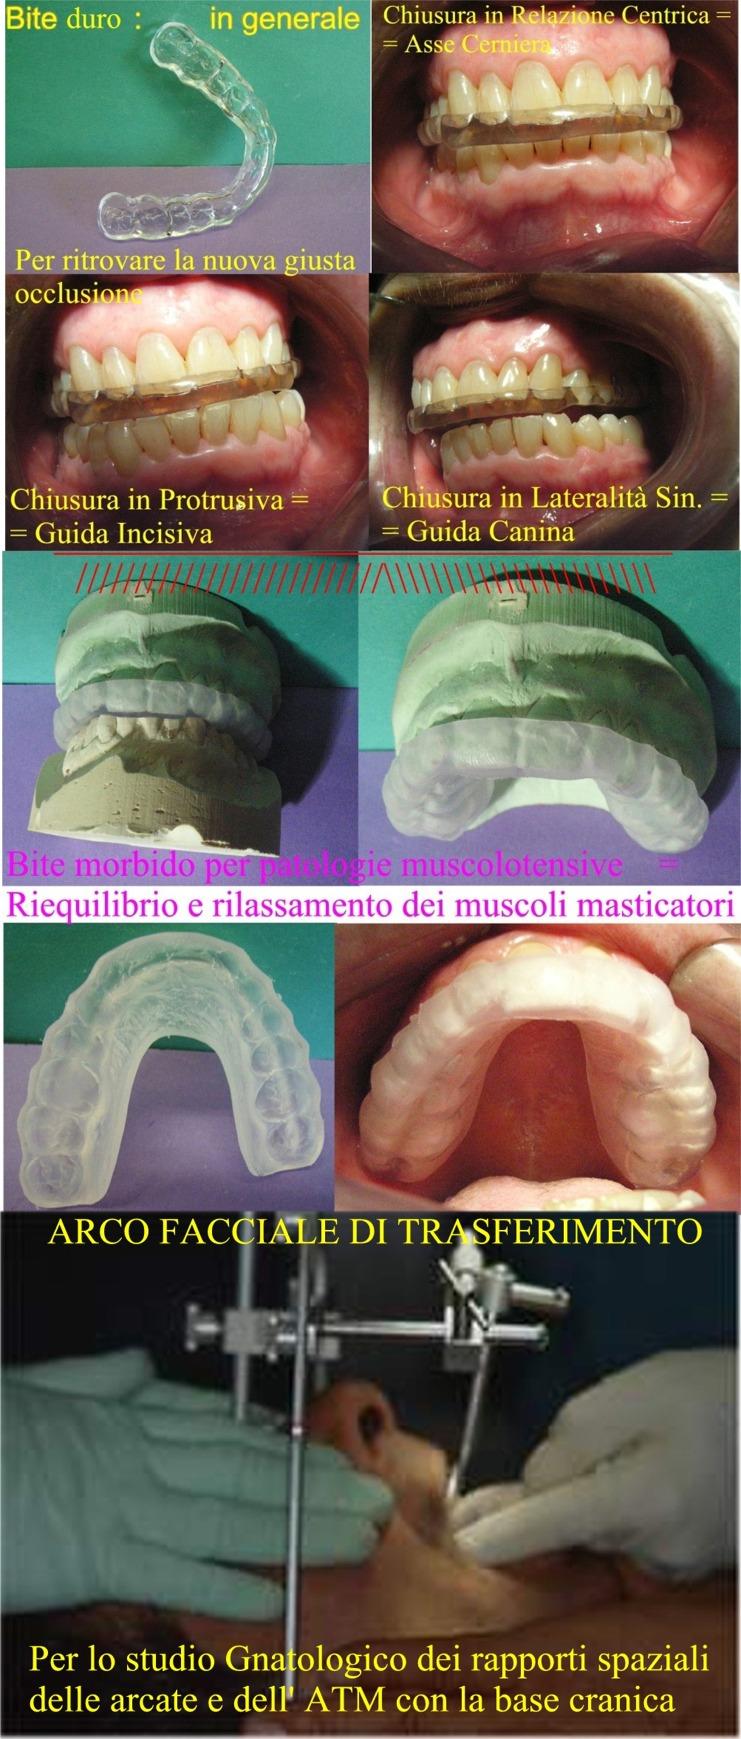 Arco Facciale di trasferimento che uso, quando serve e di diversi tipi di Bite. Da casistica Gnatologica del Dr. Gustavo Petti Parodontologo Gnatologo di Cagliari